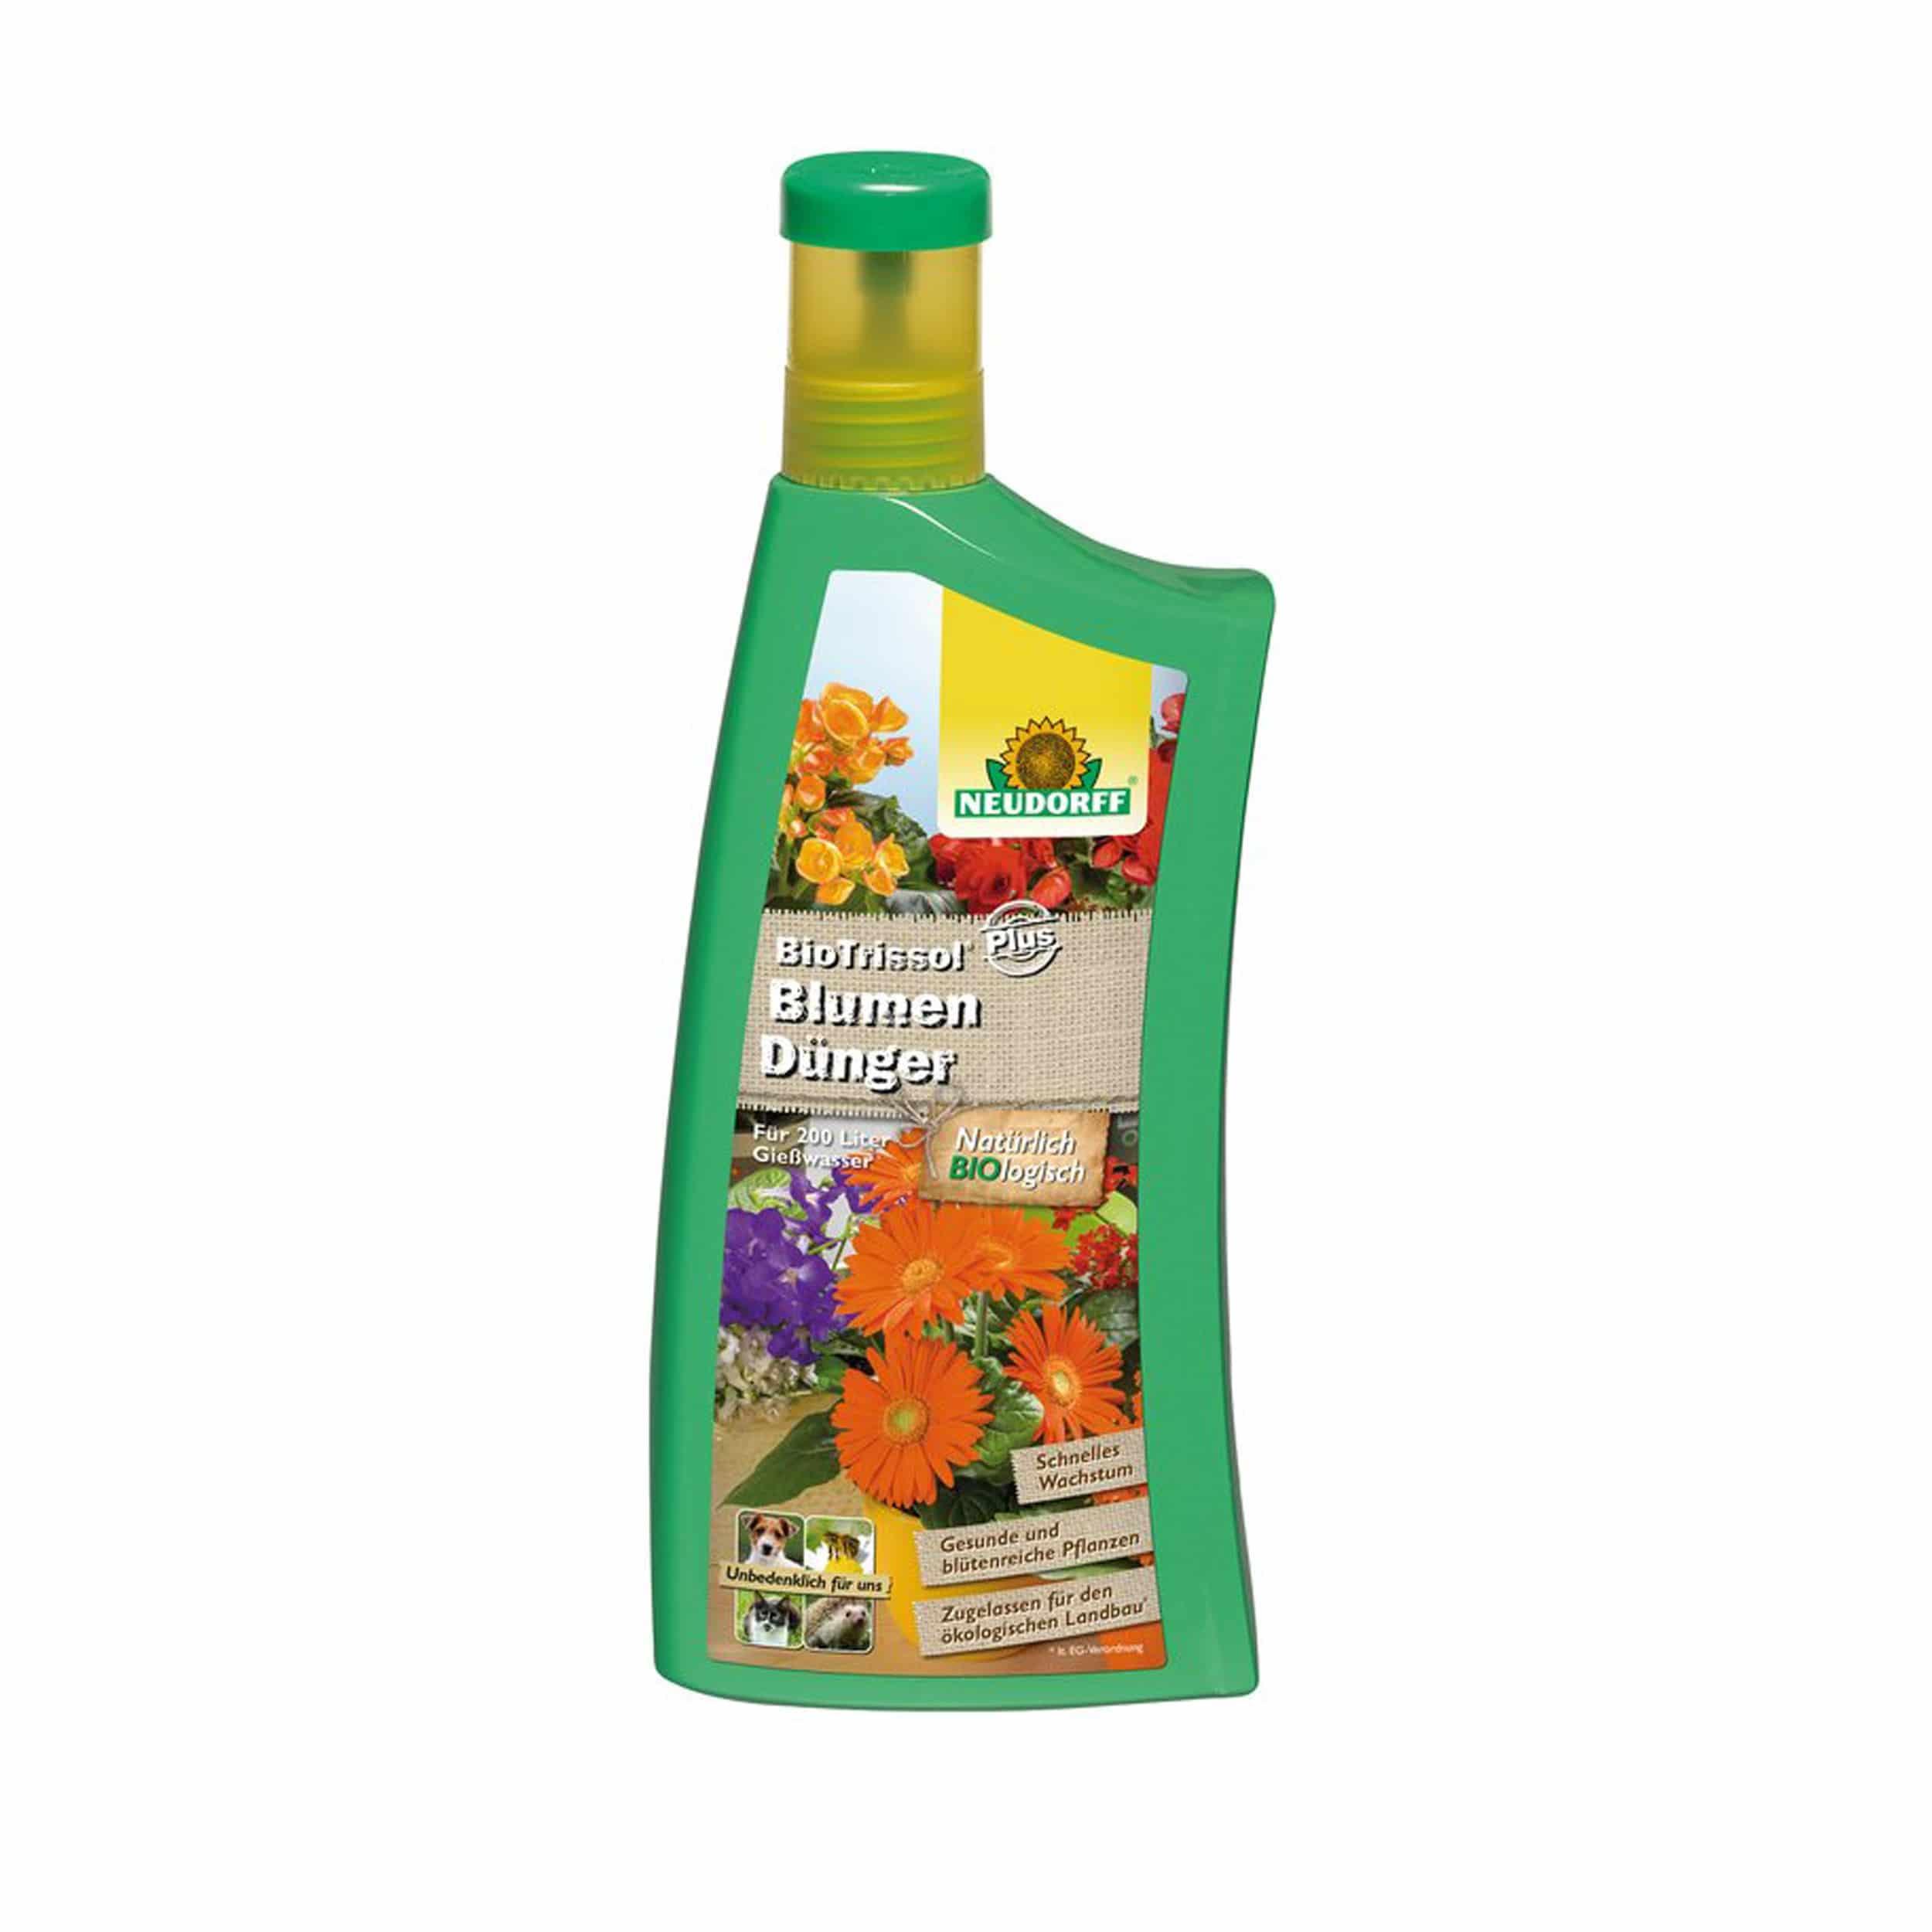 BioTrissol Plus BlumenDünger 1 Liter